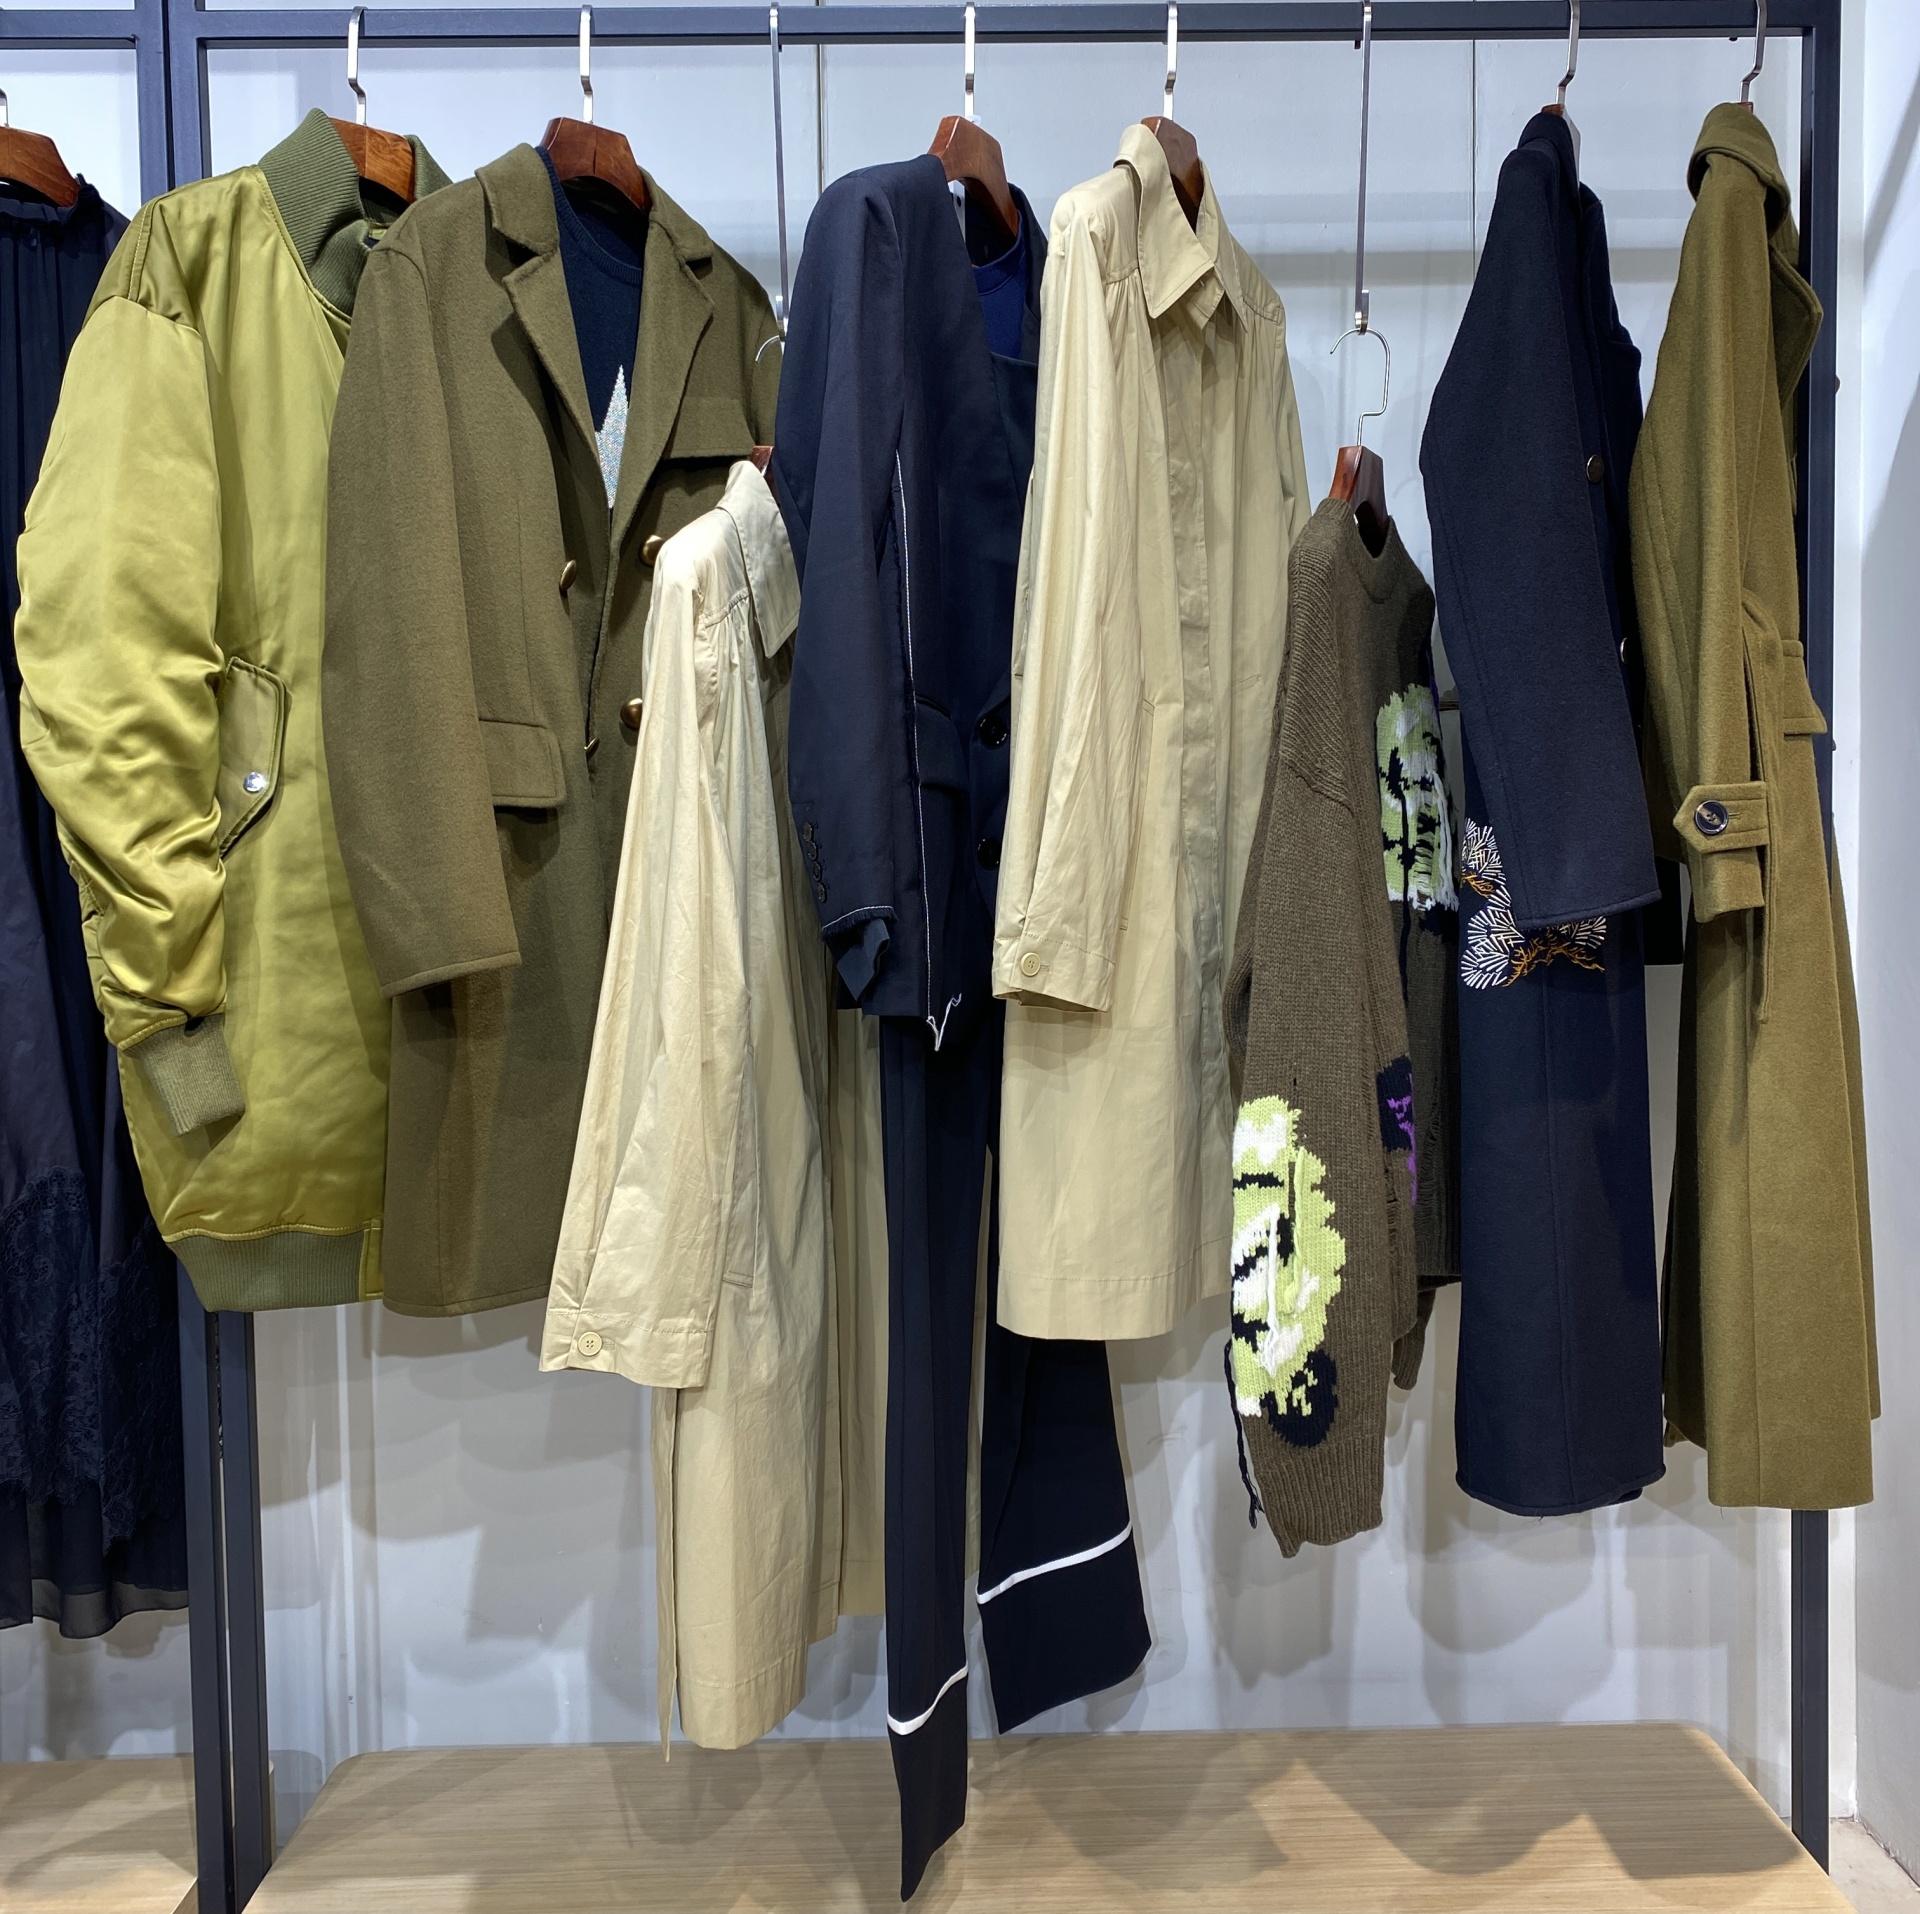 【MO&Co.摩安珂】21冬 入驻万达专柜 90白鸭绒大码羽绒服 实体必备穿搭示例图11